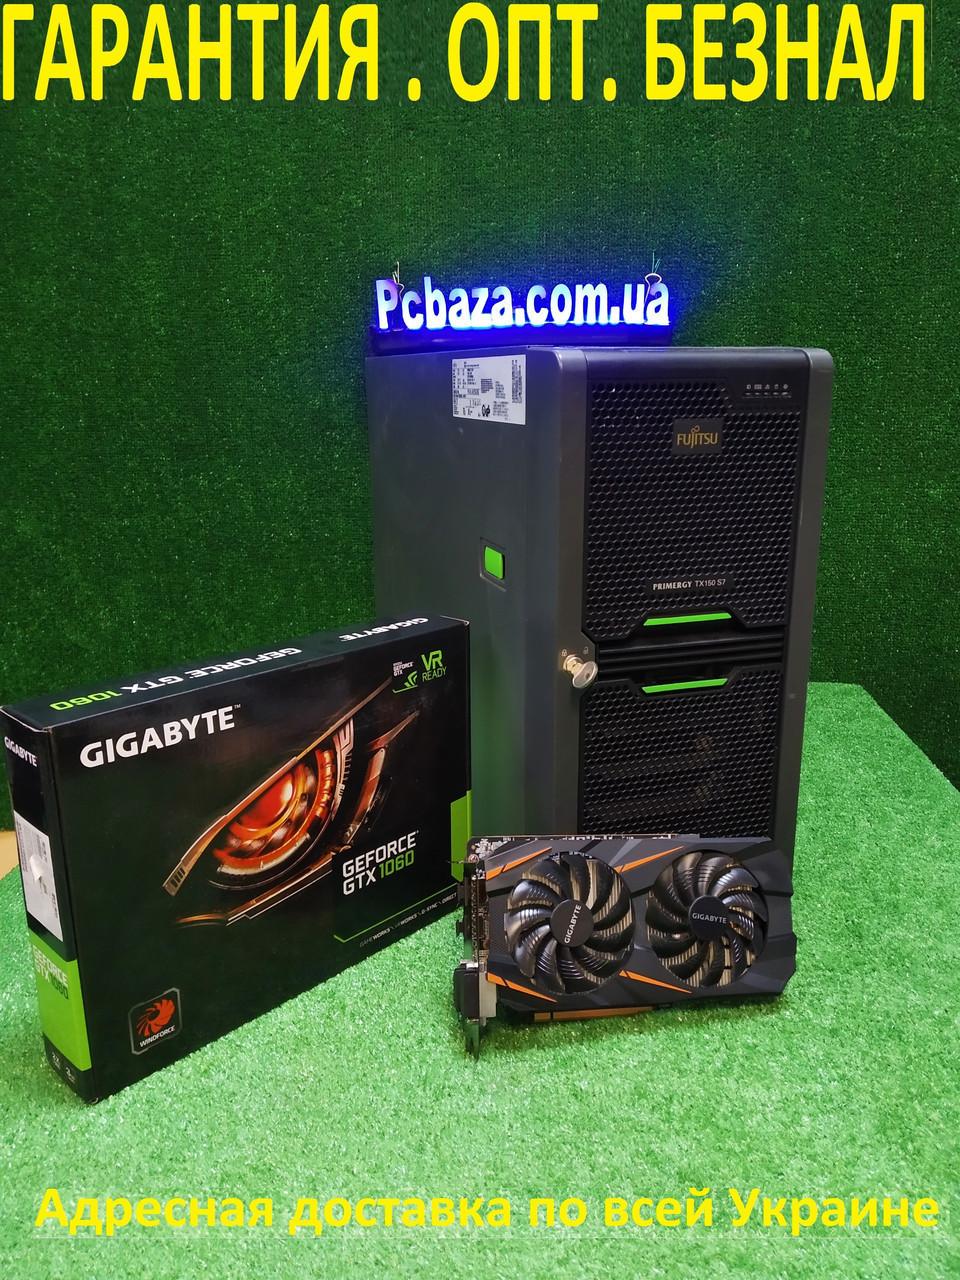 Супер Игровой Fujitsu, 4(8) ядра Xeon X3470 3.6 Ггц, 24 GB ОЗУ, 250 GB SSD + 1000 GB HDD, GTX 1060 3 GB